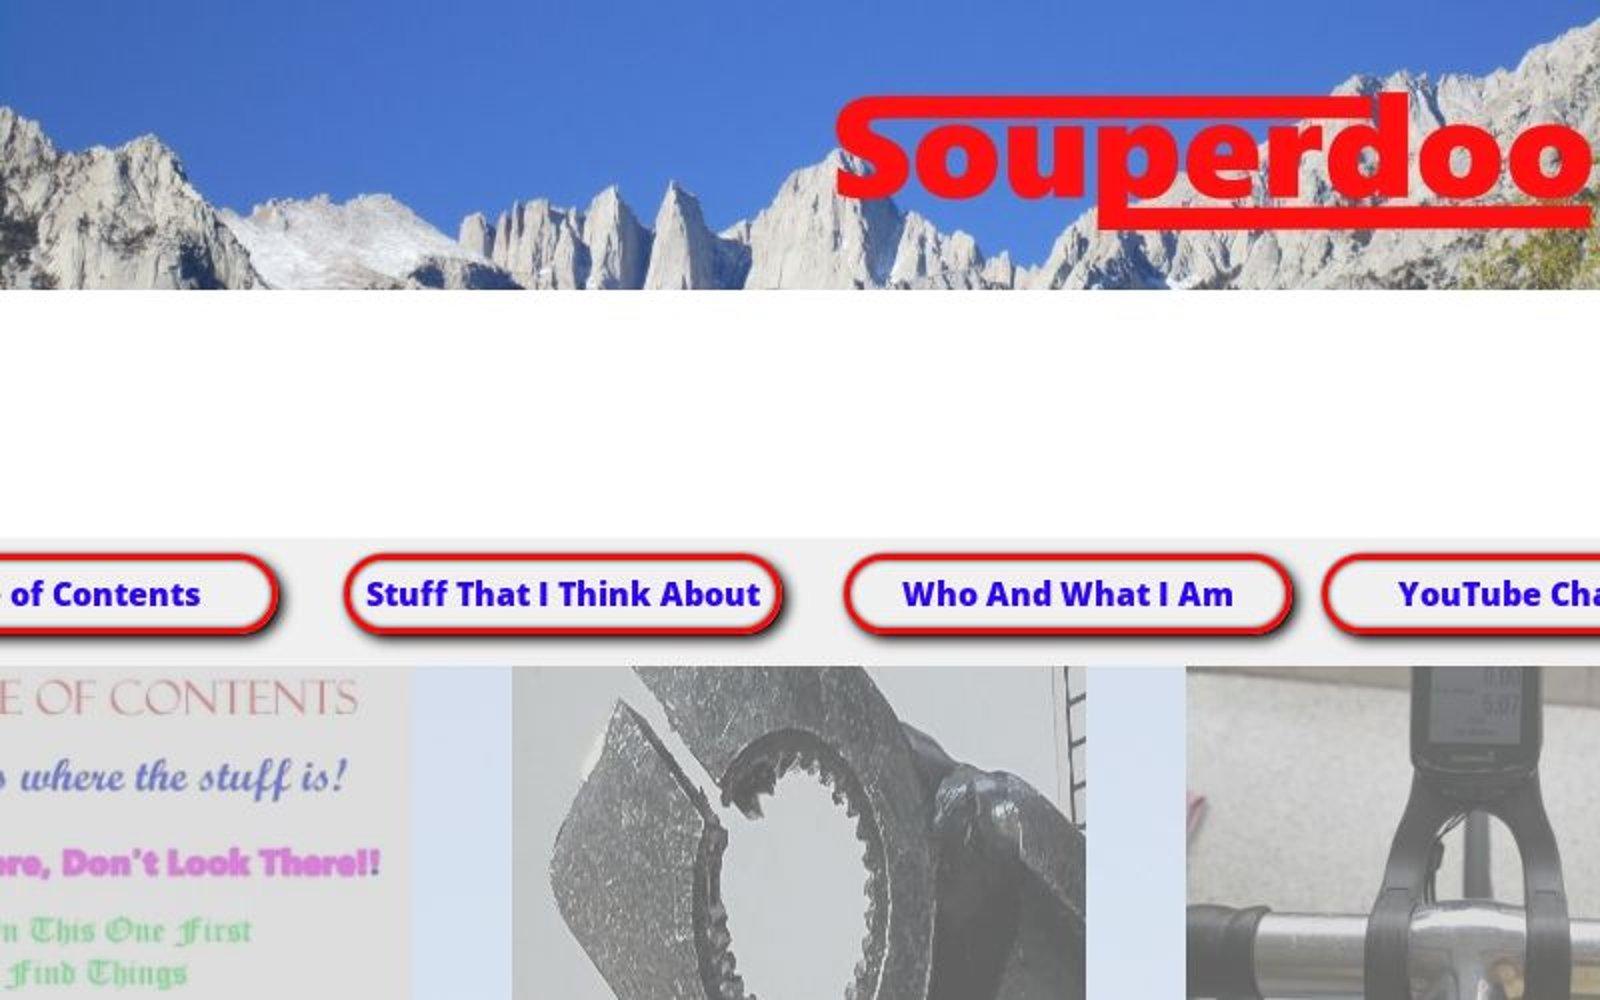 www.souperdoo.com